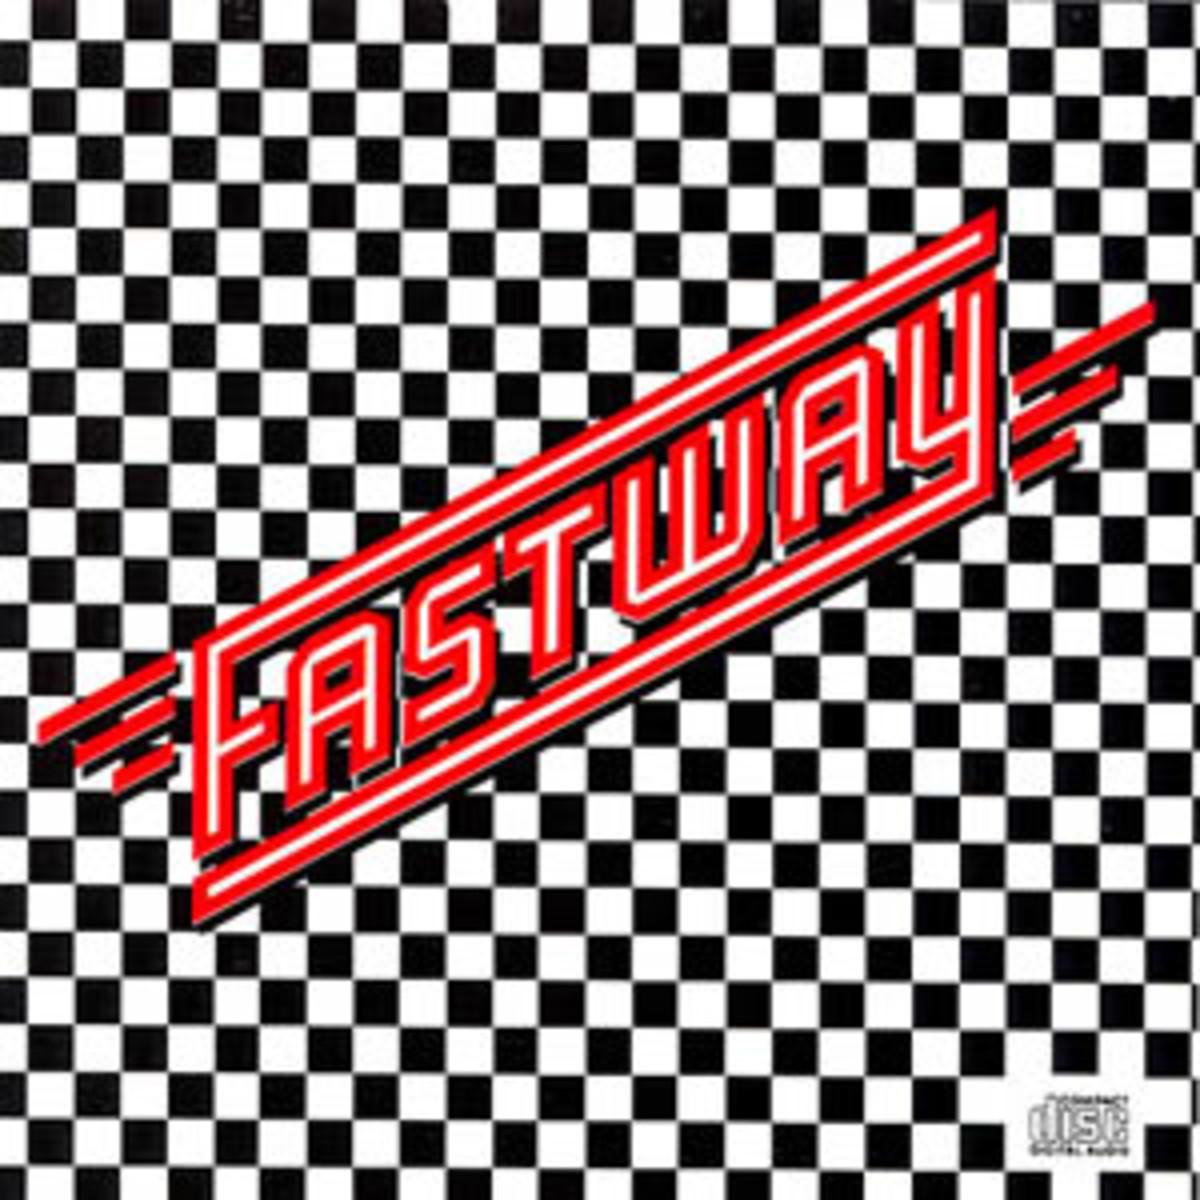 Fastway_Fastway